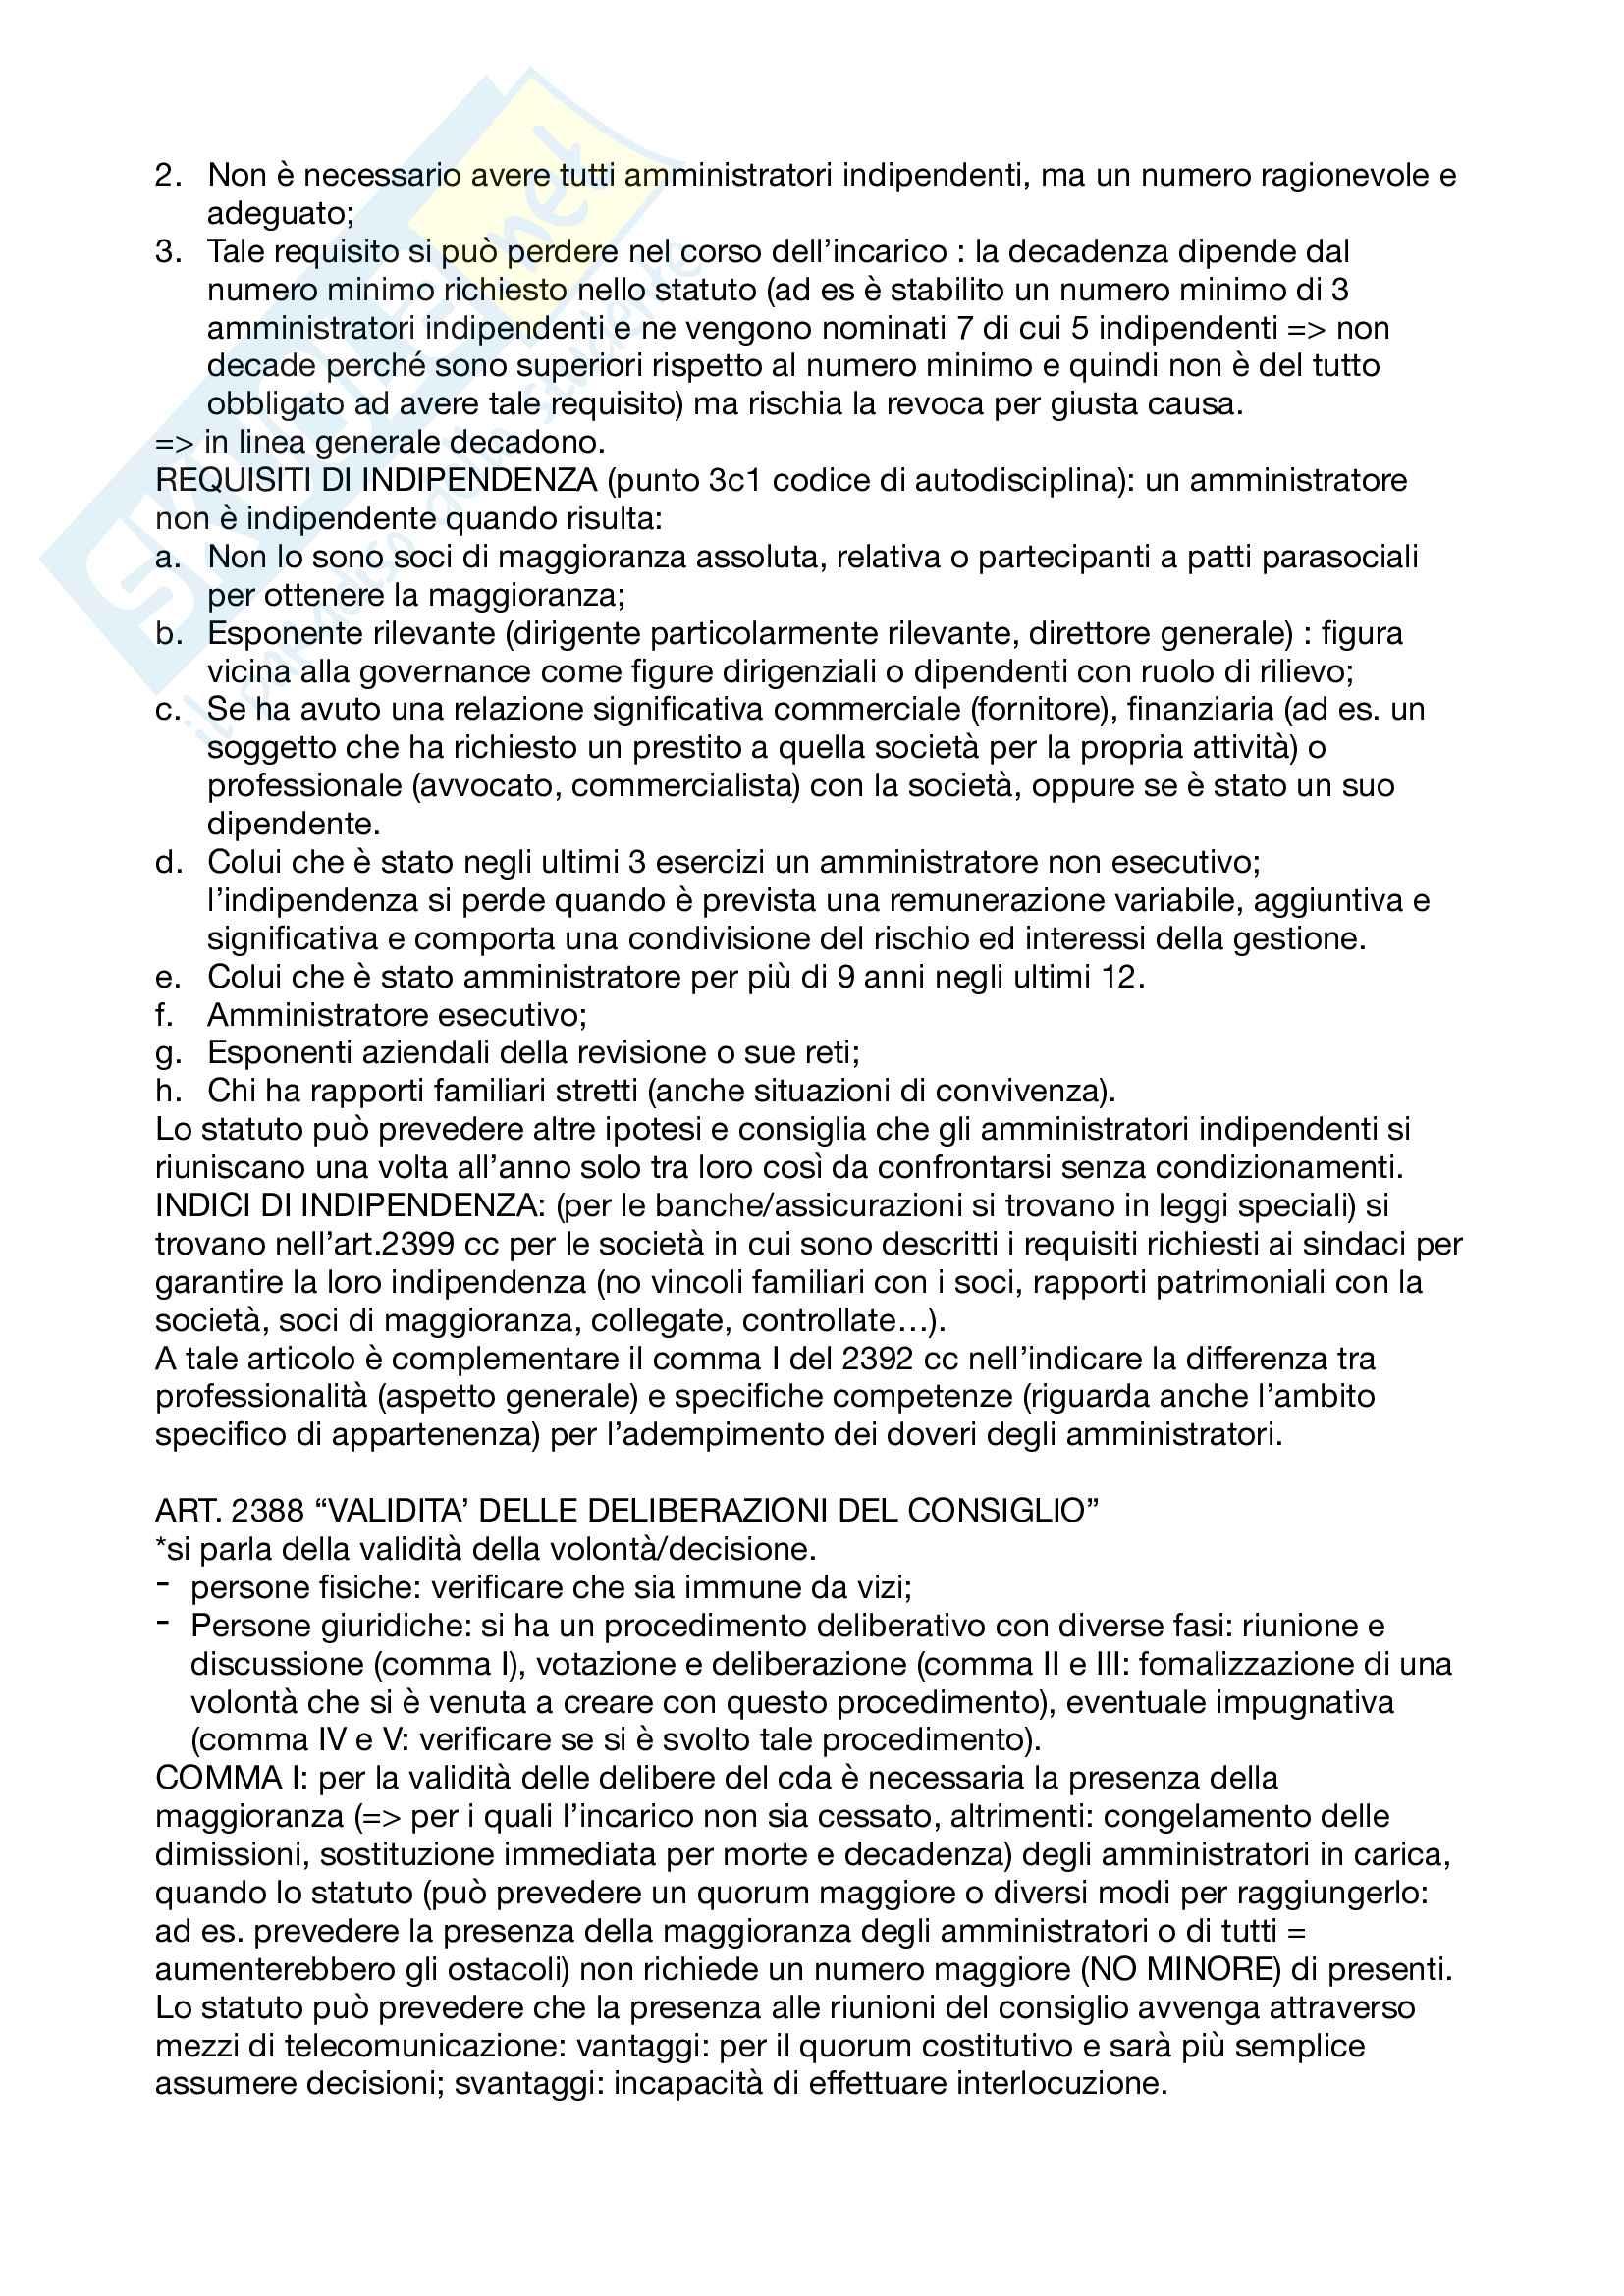 Appunti Diritto commerciale corso avanzato Pag. 11